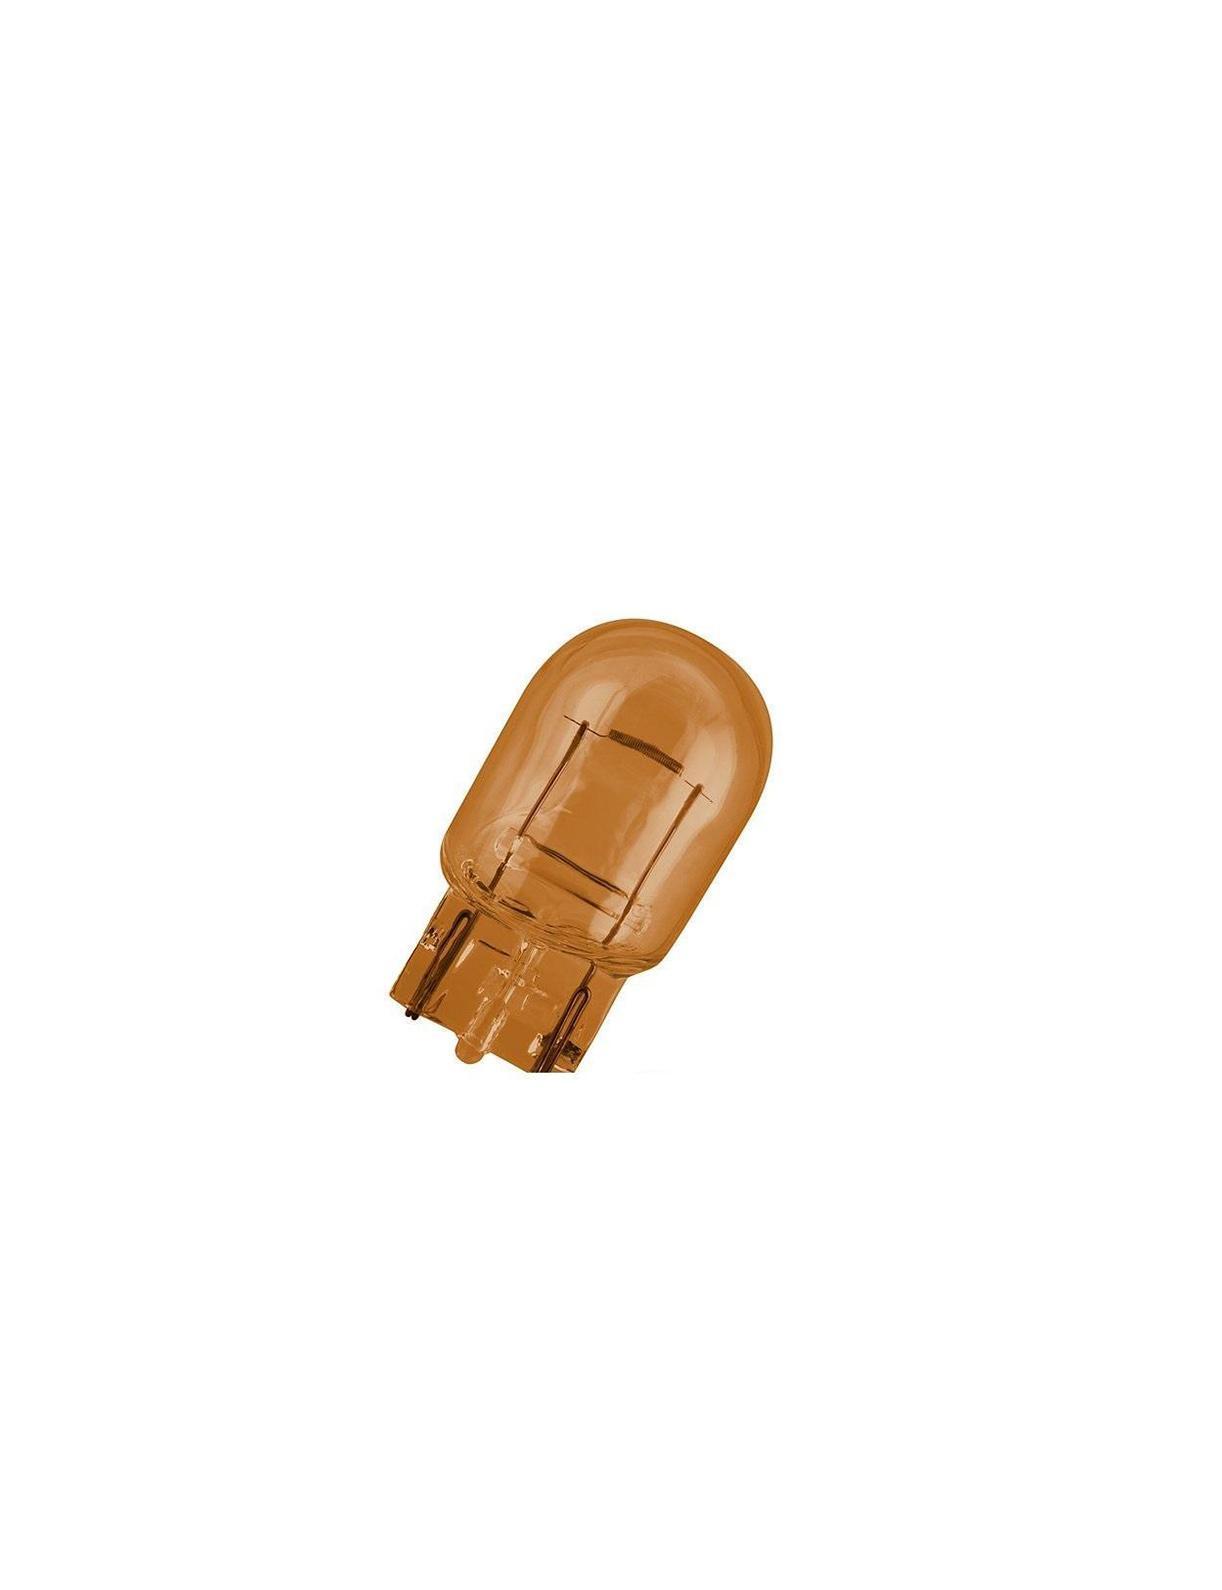 Сигнальная автомобильная лампа Philips WY21W 12V-21W (WX3x16d). 12071CP12071CPPhilips Automotive предлагает лучшие в классе продукты и услуги на рынке оригинальных комплектующих и послепродажного обслуживания автомобилей. Наши продукты производятся из высококачественных материалов и соответствуют самым высоким стандартам, чтобы обеспечить максимальную безопасность и комфортное вождение для автомобилистов. Вся продукция проходит тщательное тестирование, контроль и сертификацию (ISO 9001, ISO 14001 и QSO 9000) в соответствии с самыми высокими требованиями ECE.Напряжение: 12 вольт